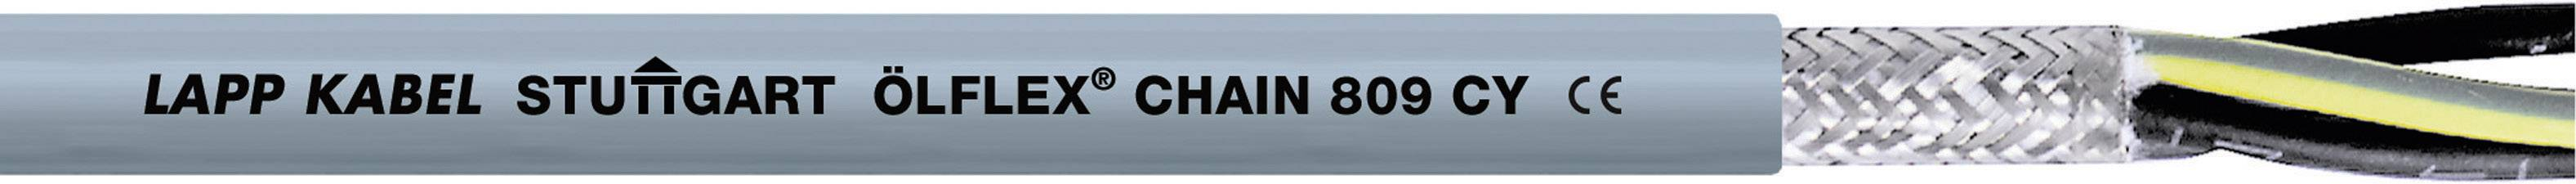 Žíla kabelu LappKabel ÖLFLEX CHAIN 809 CY 4G0,5 (1026753), 4x 0,5 mm², PVC, Ø 6,6 mm, stíněný, 100 m, šedá